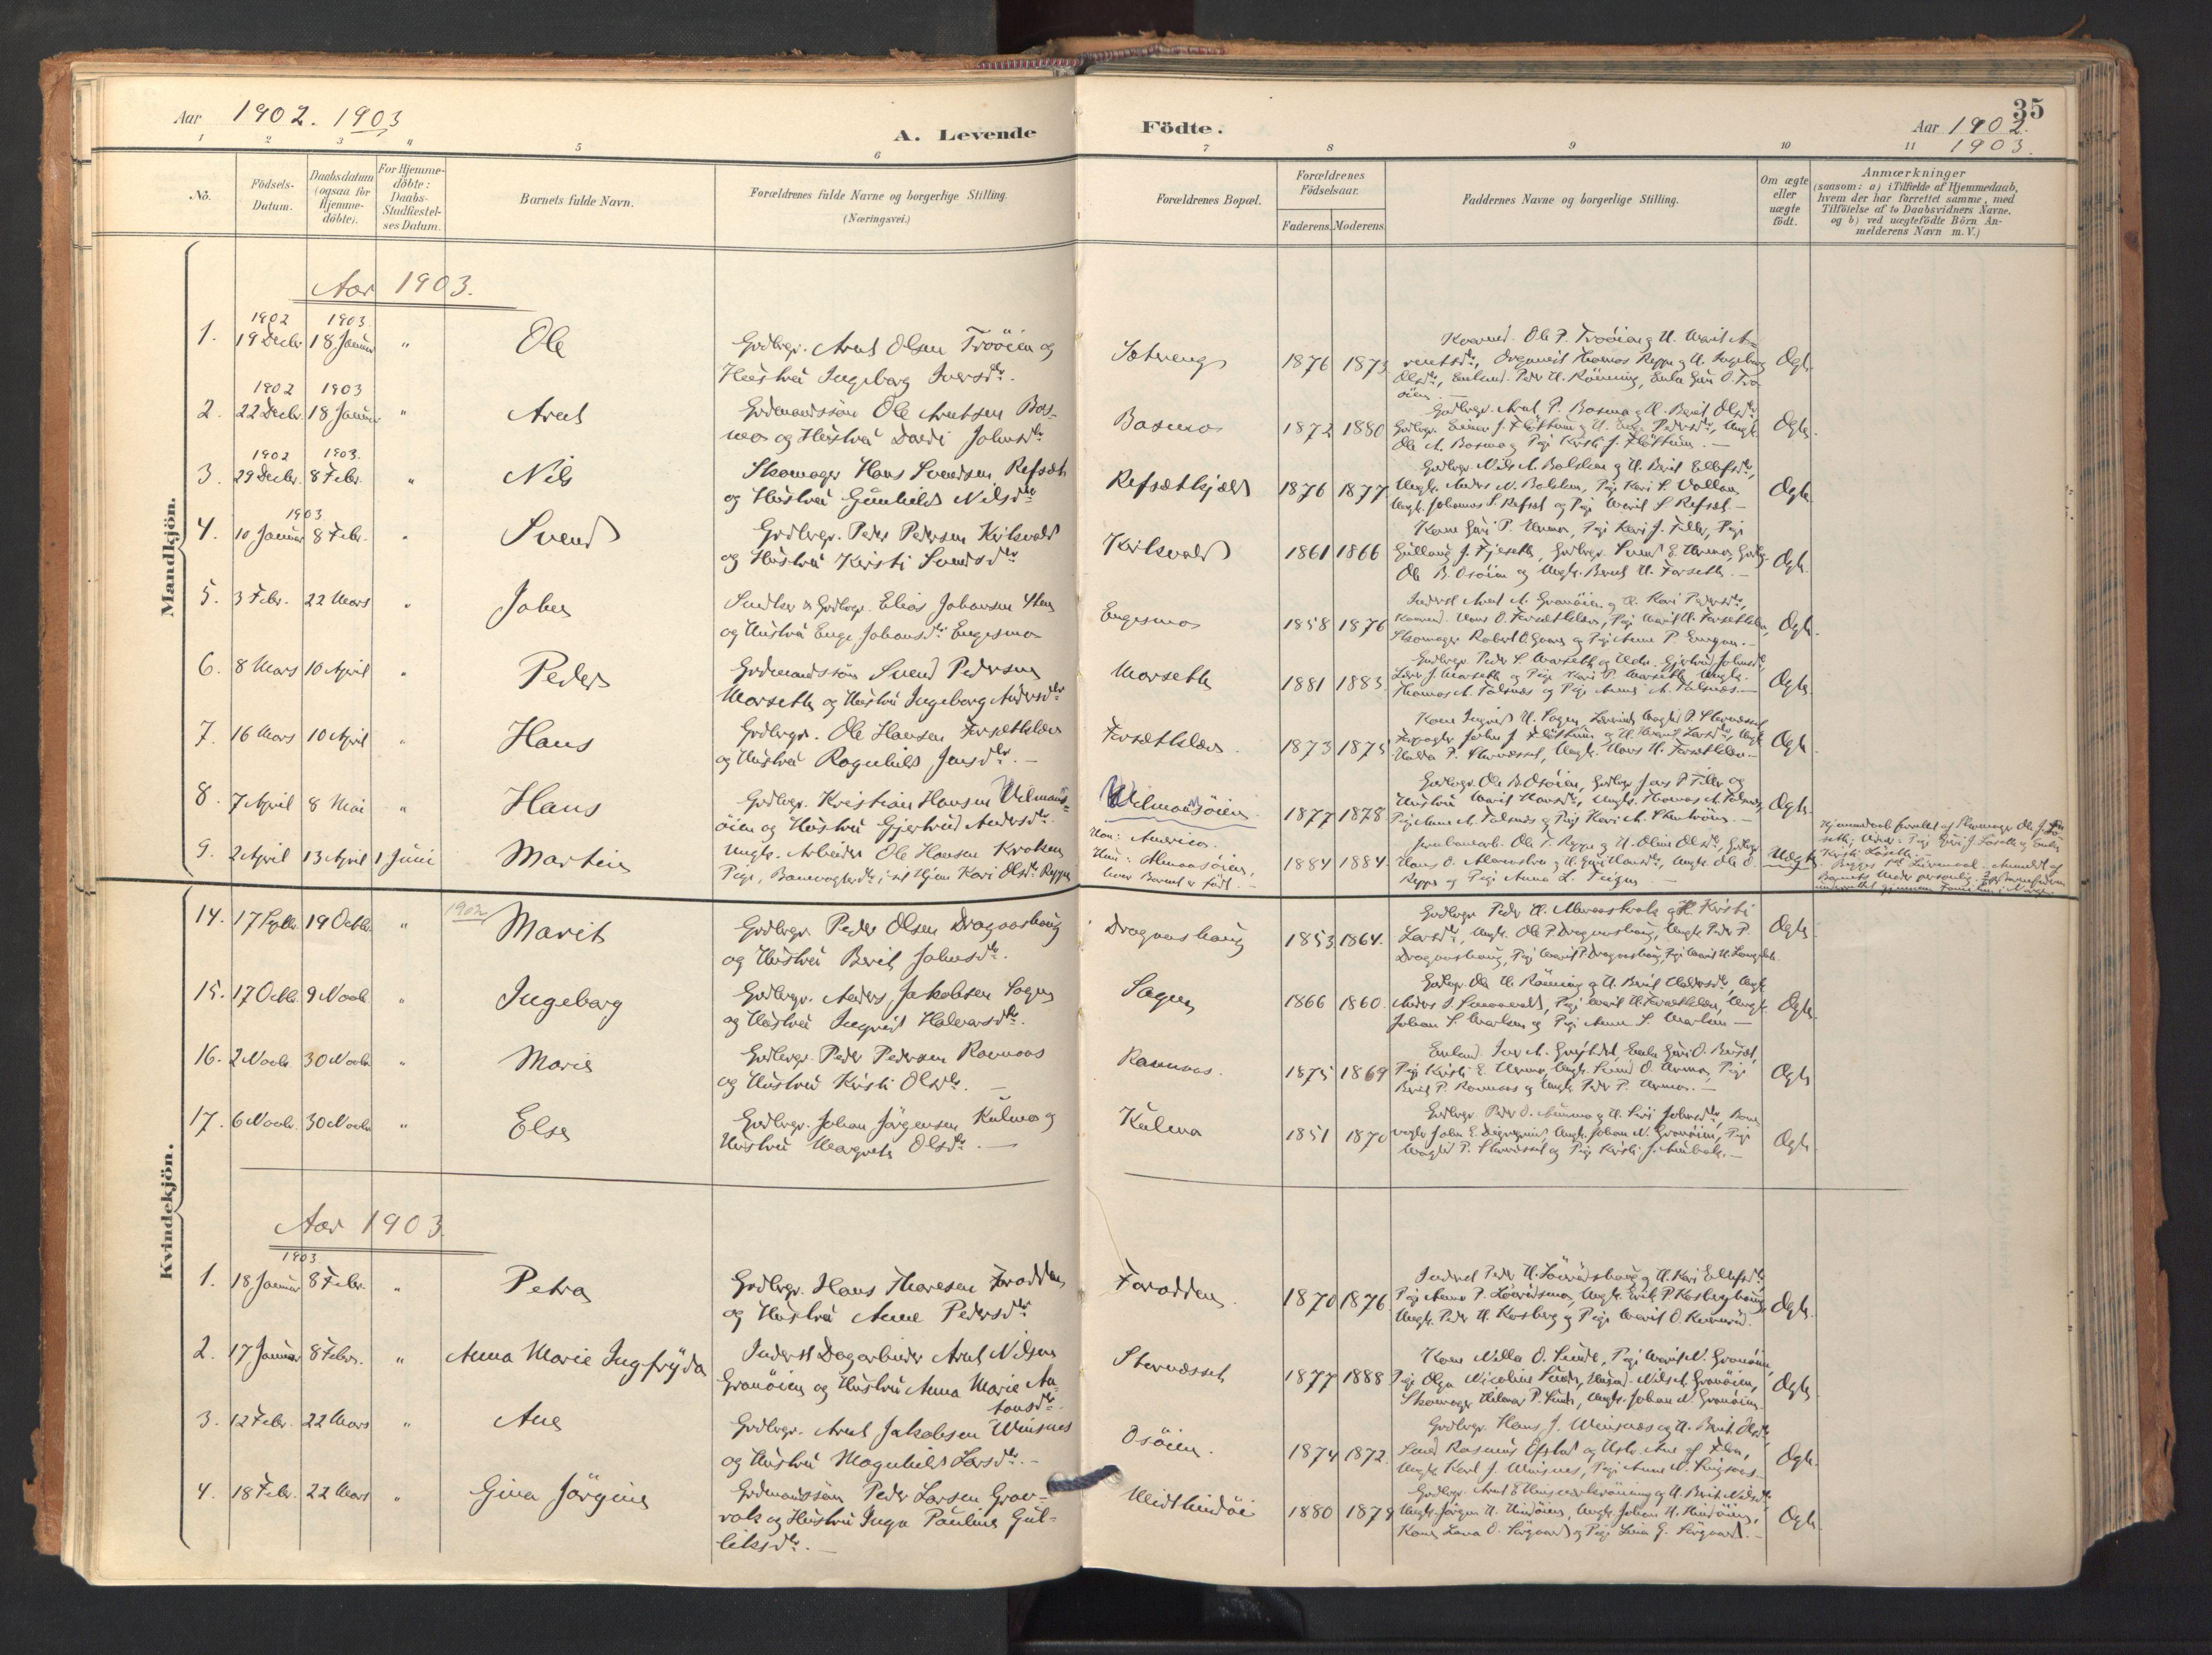 SAT, Ministerialprotokoller, klokkerbøker og fødselsregistre - Sør-Trøndelag, 688/L1025: Ministerialbok nr. 688A02, 1891-1909, s. 35